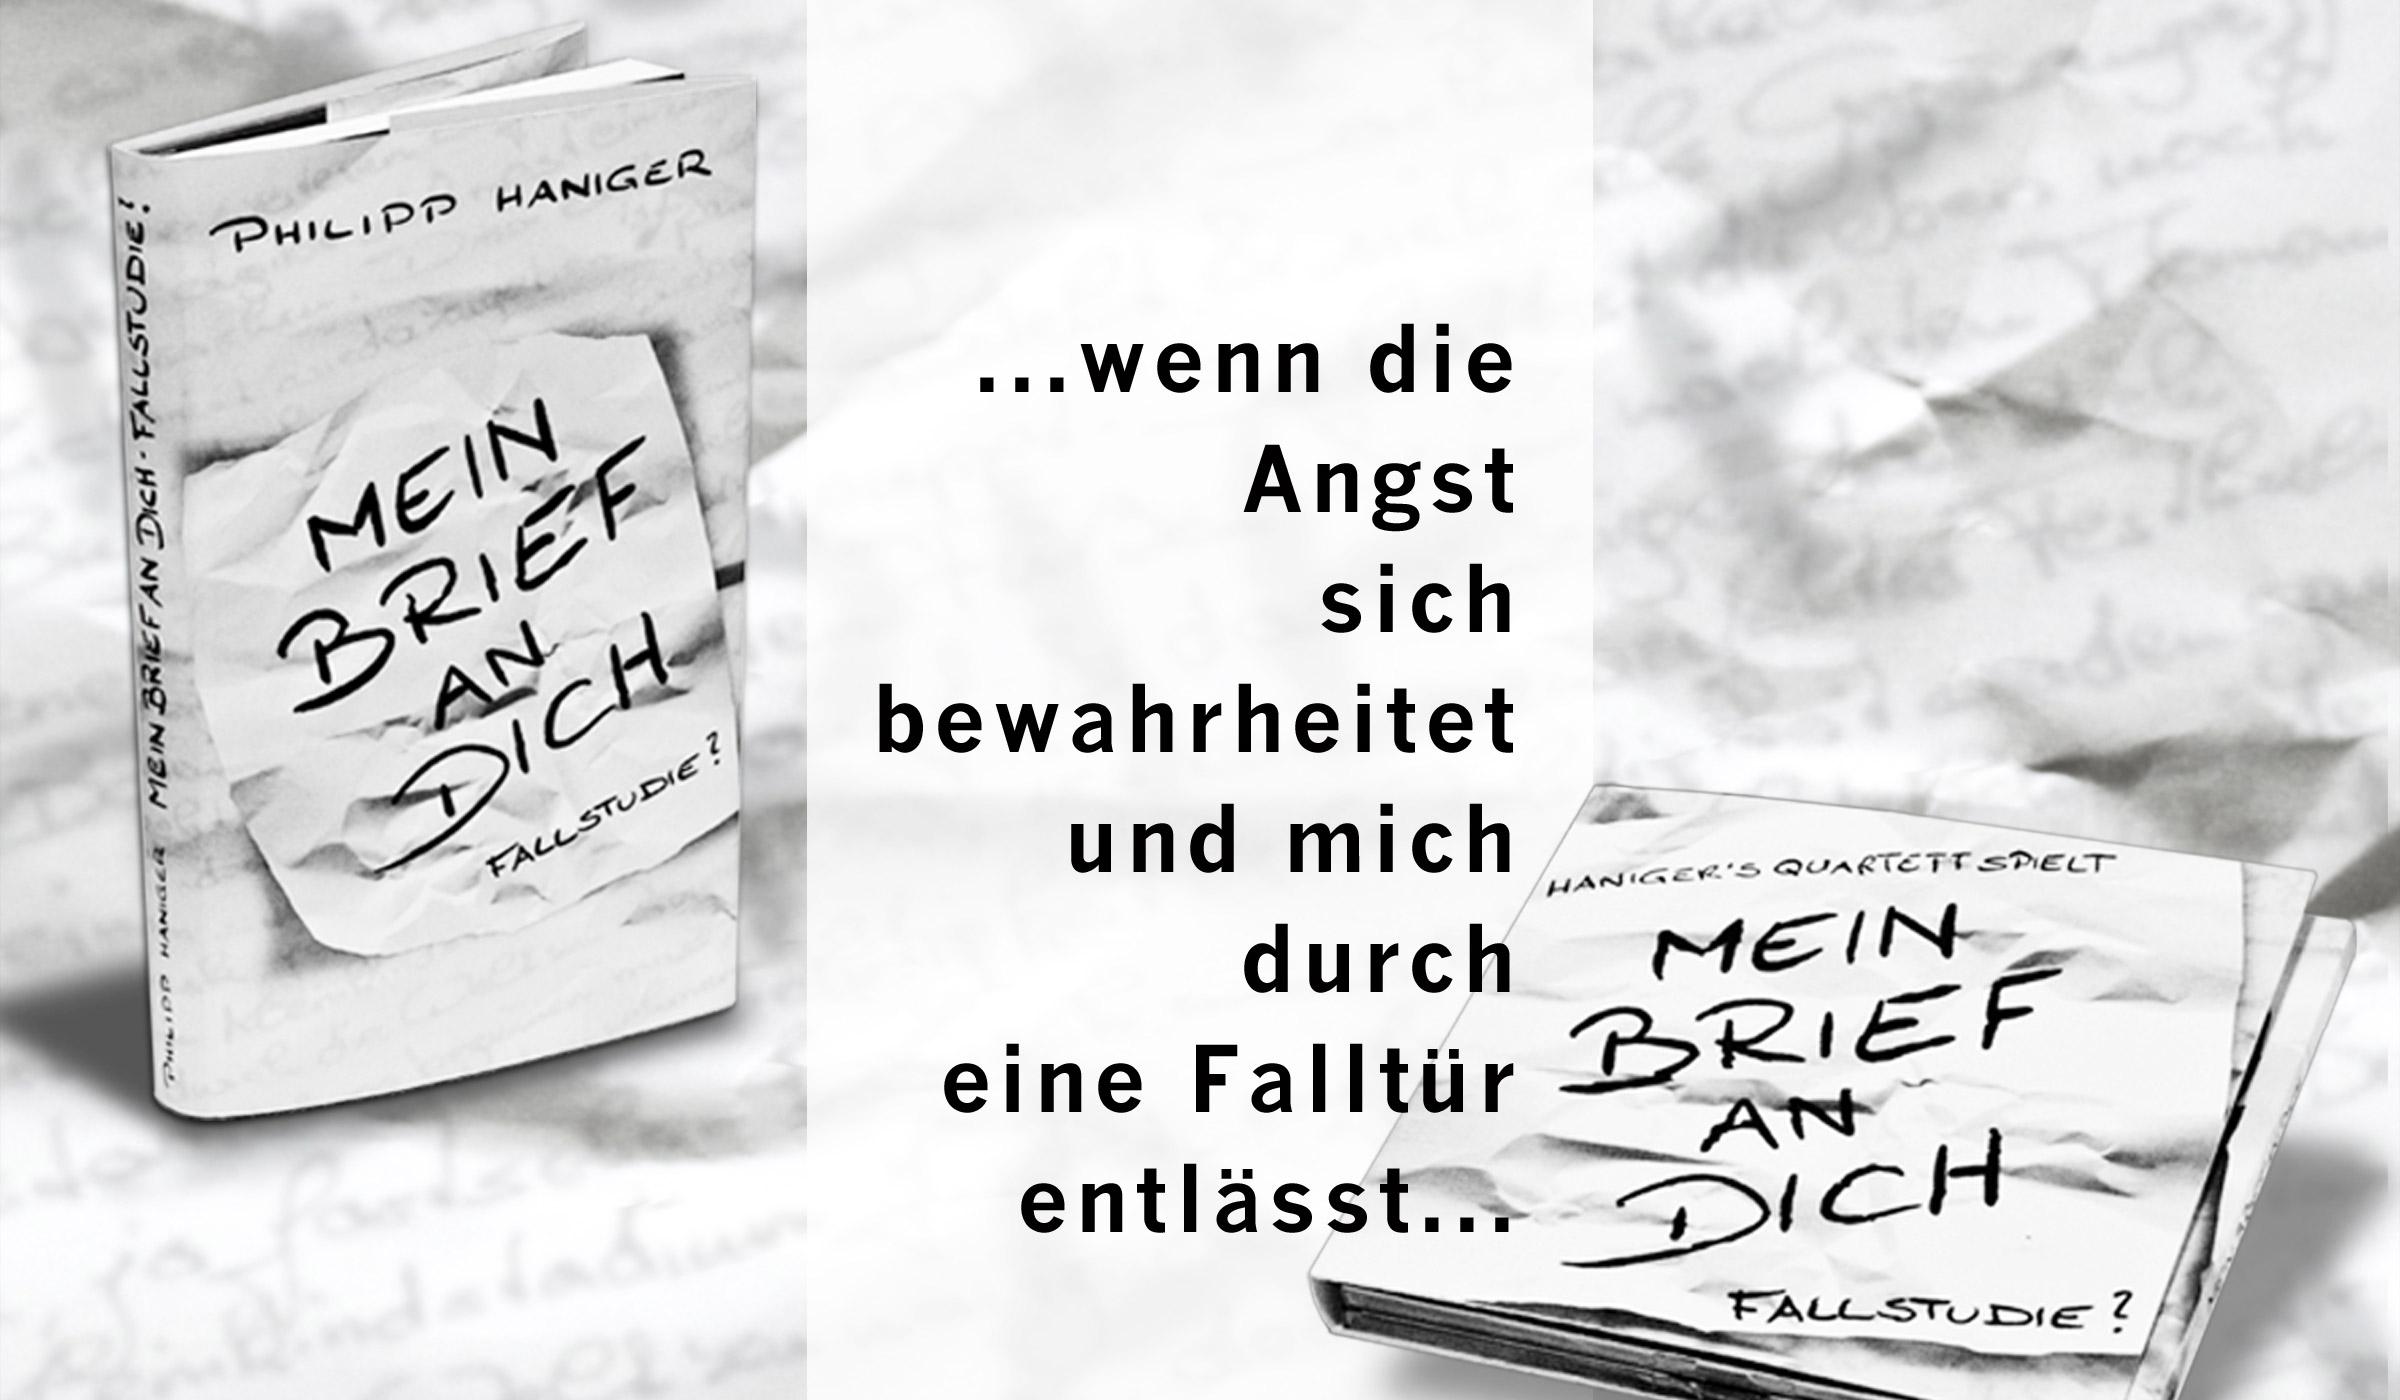 Mein Brief an Dich | Fallstudie? | Philipp Haniger